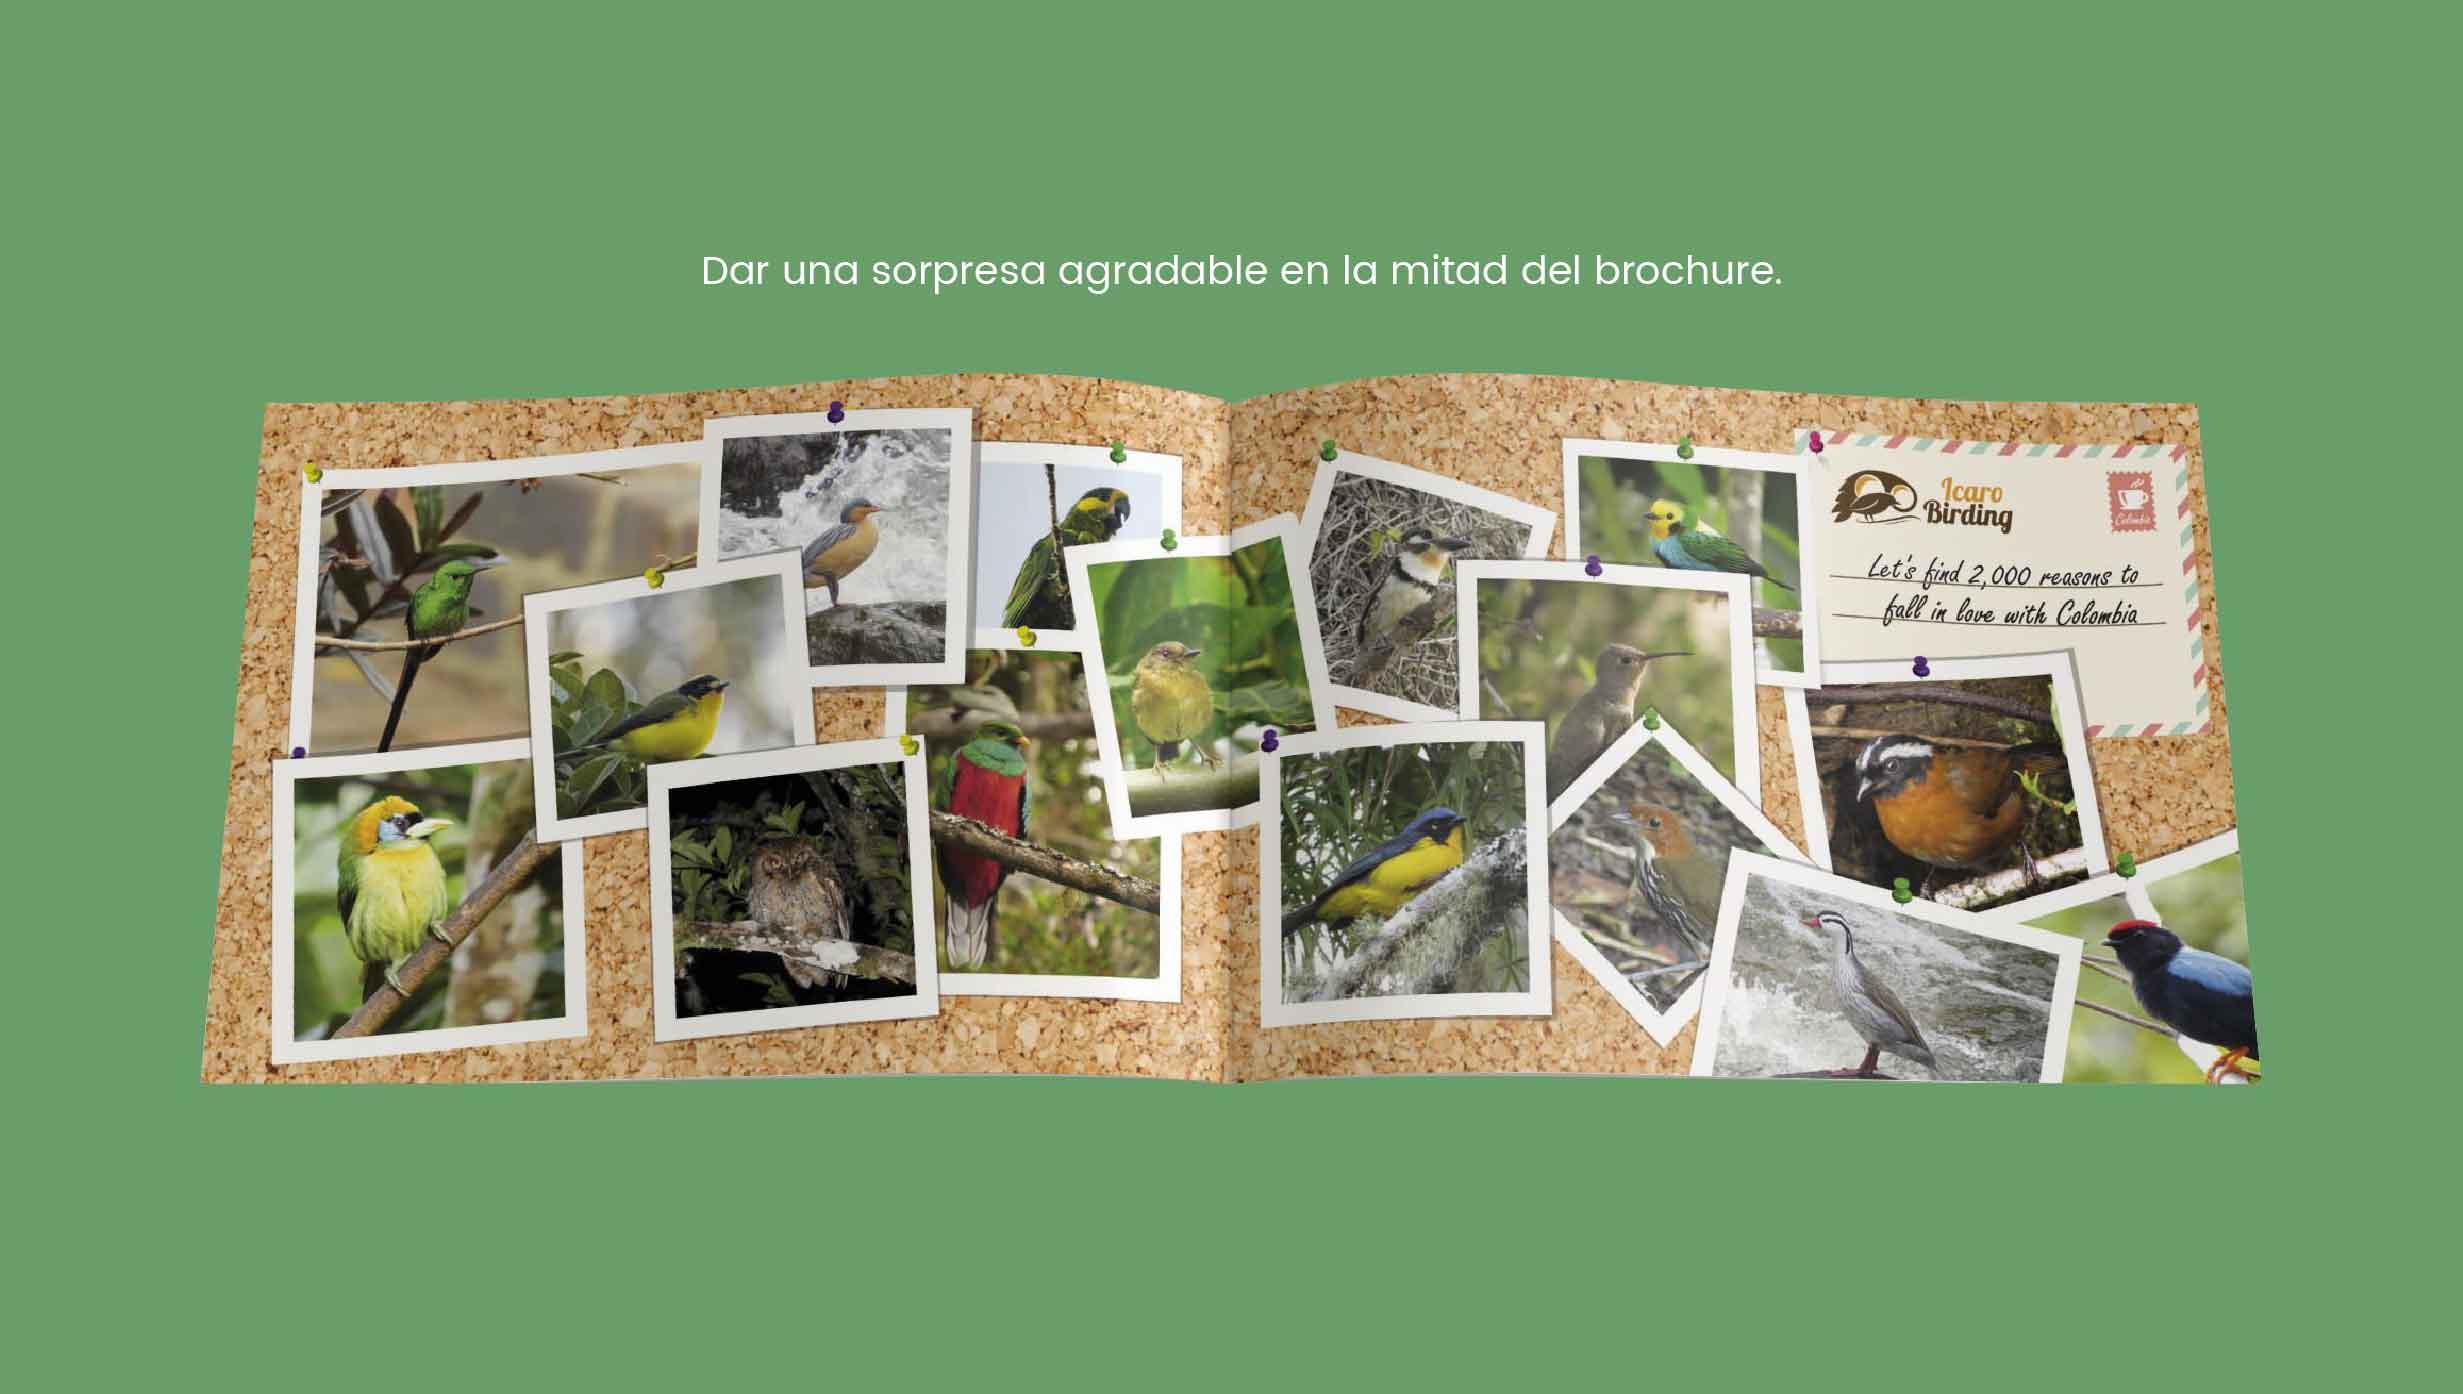 brochure publicidad turistica